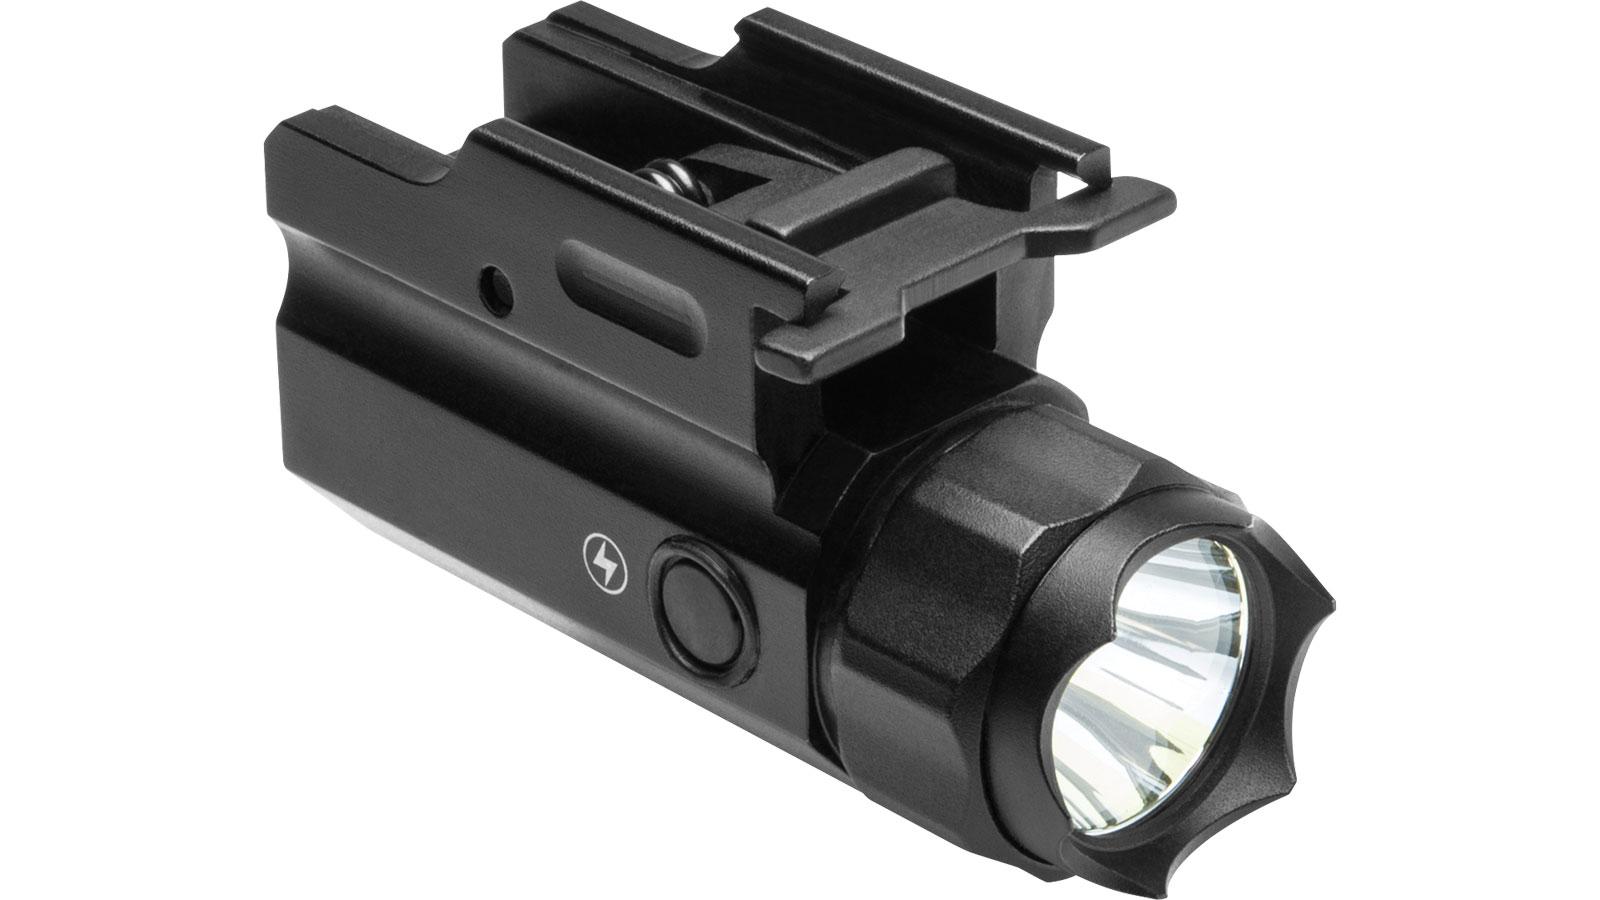 NC Star AQPTF 3 Pistol Rifle 1W LED